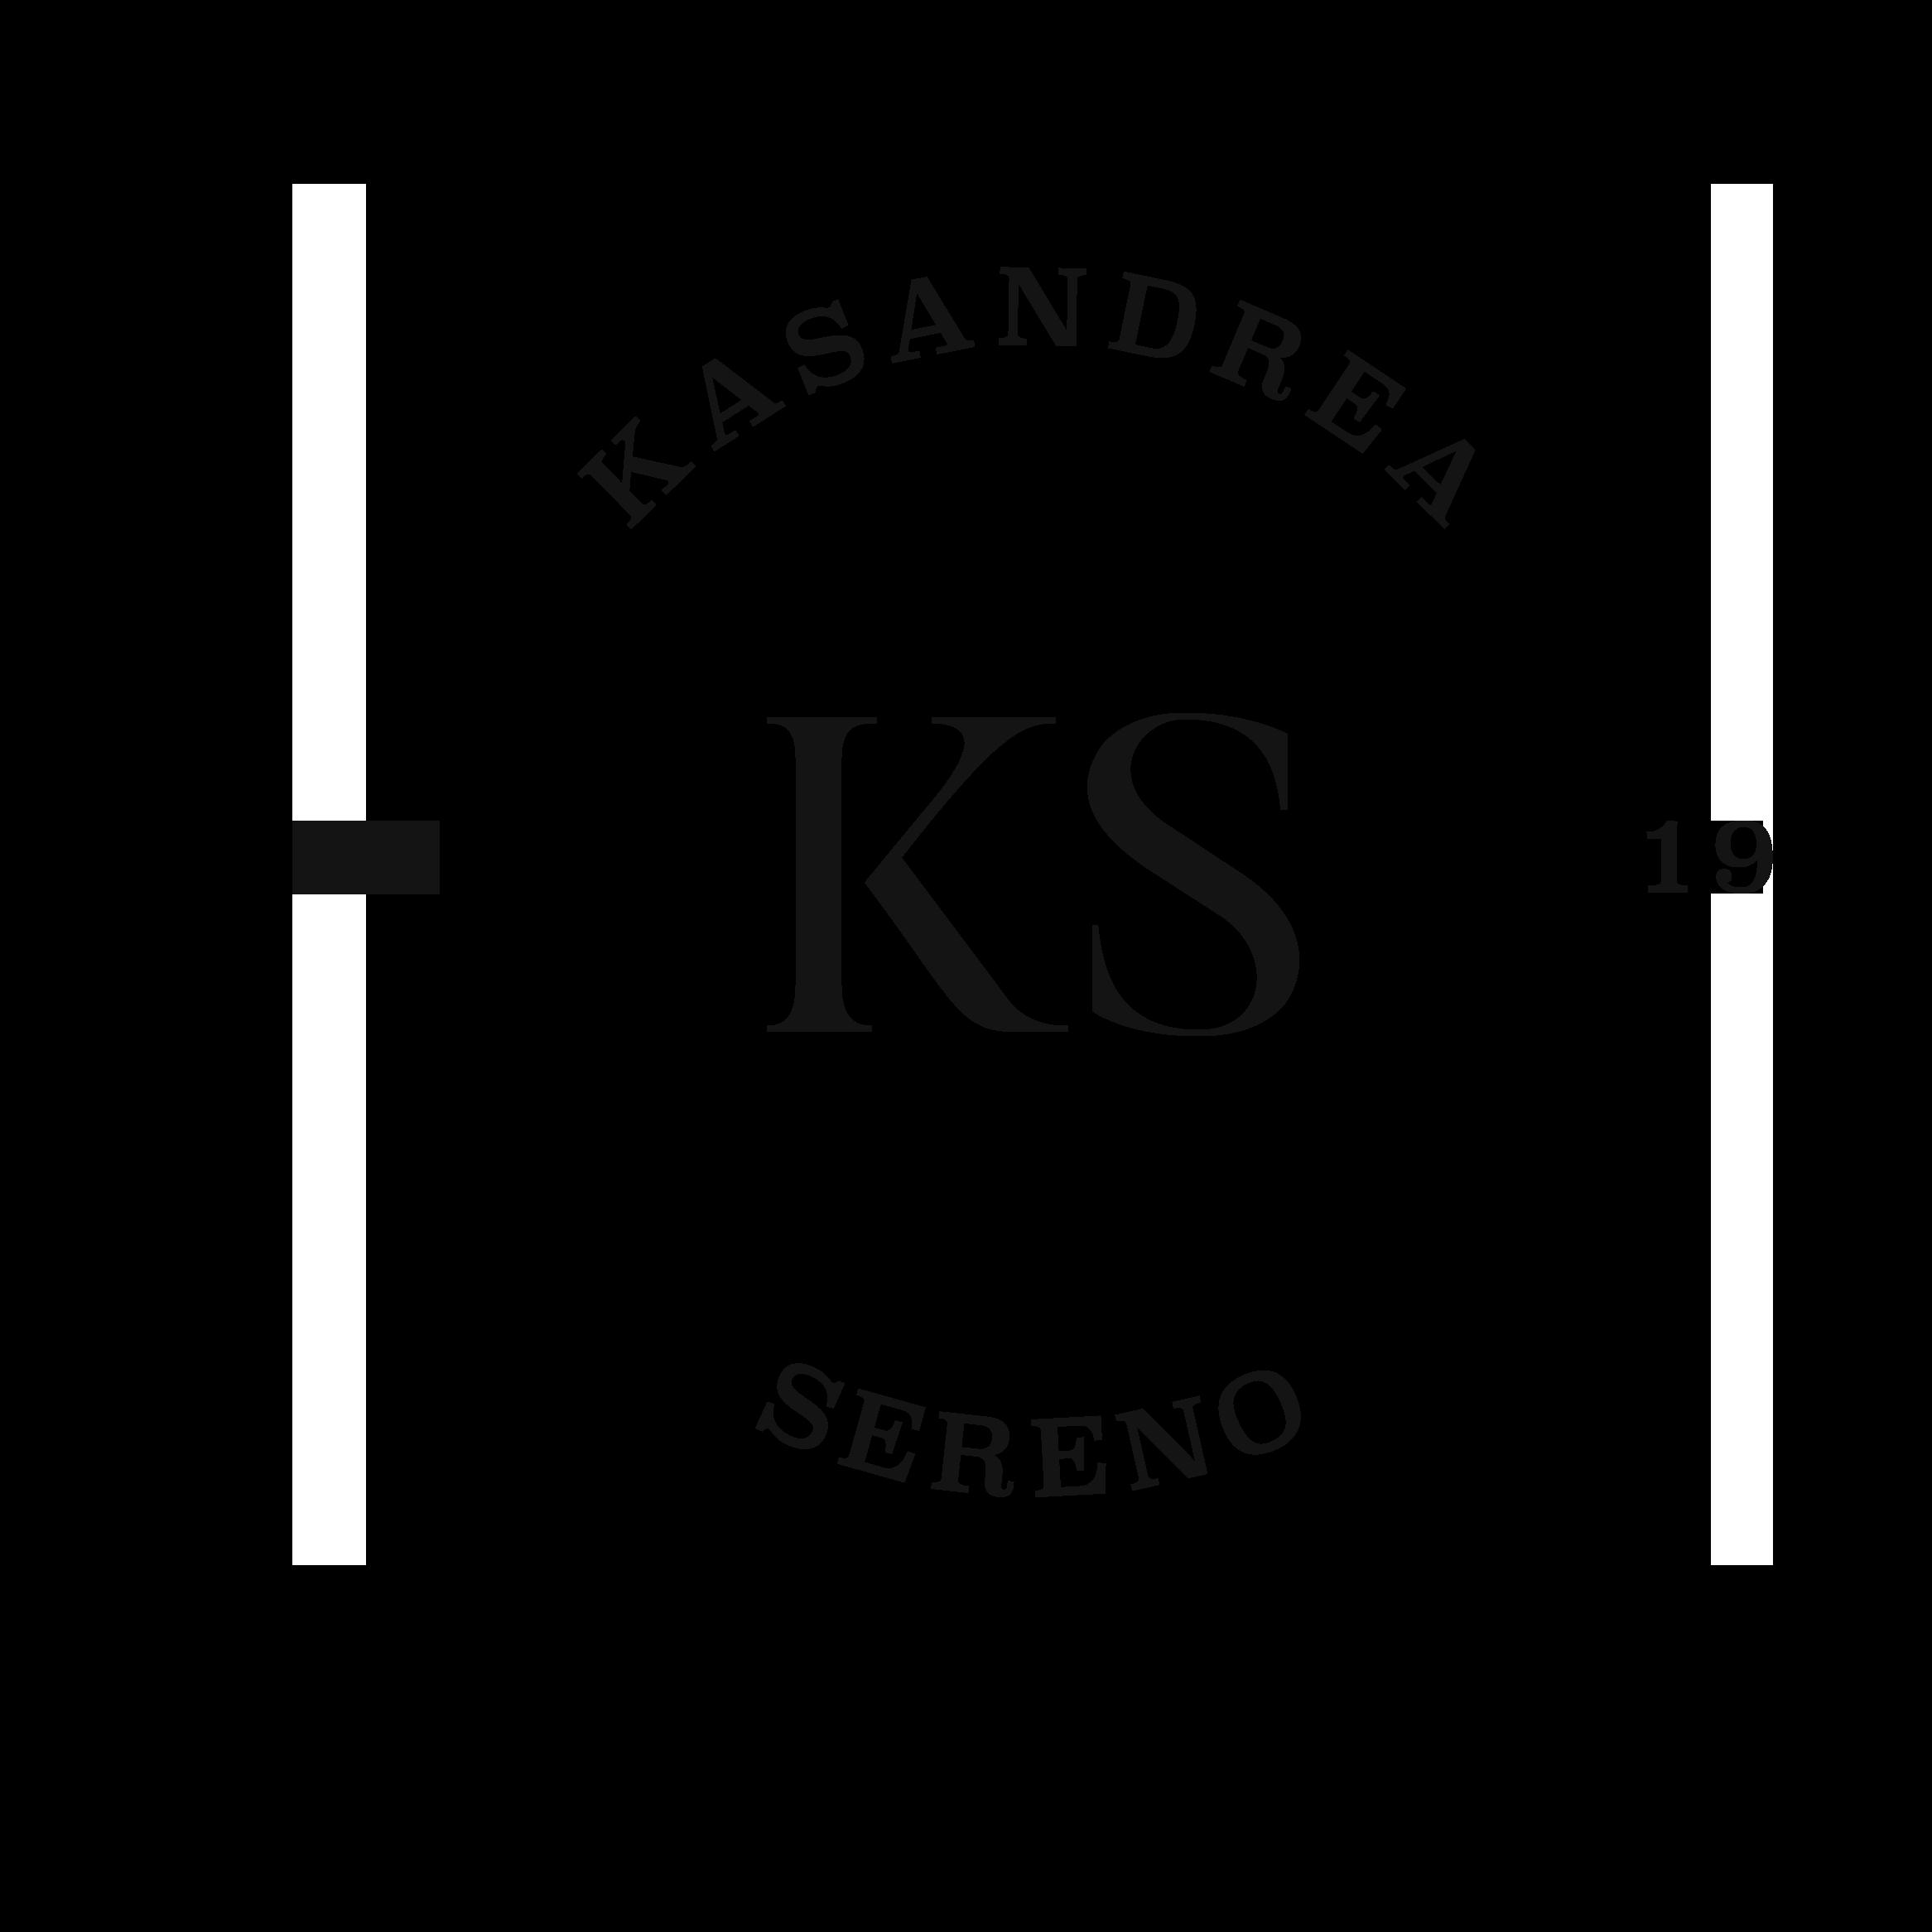 Kasandrea Sereno